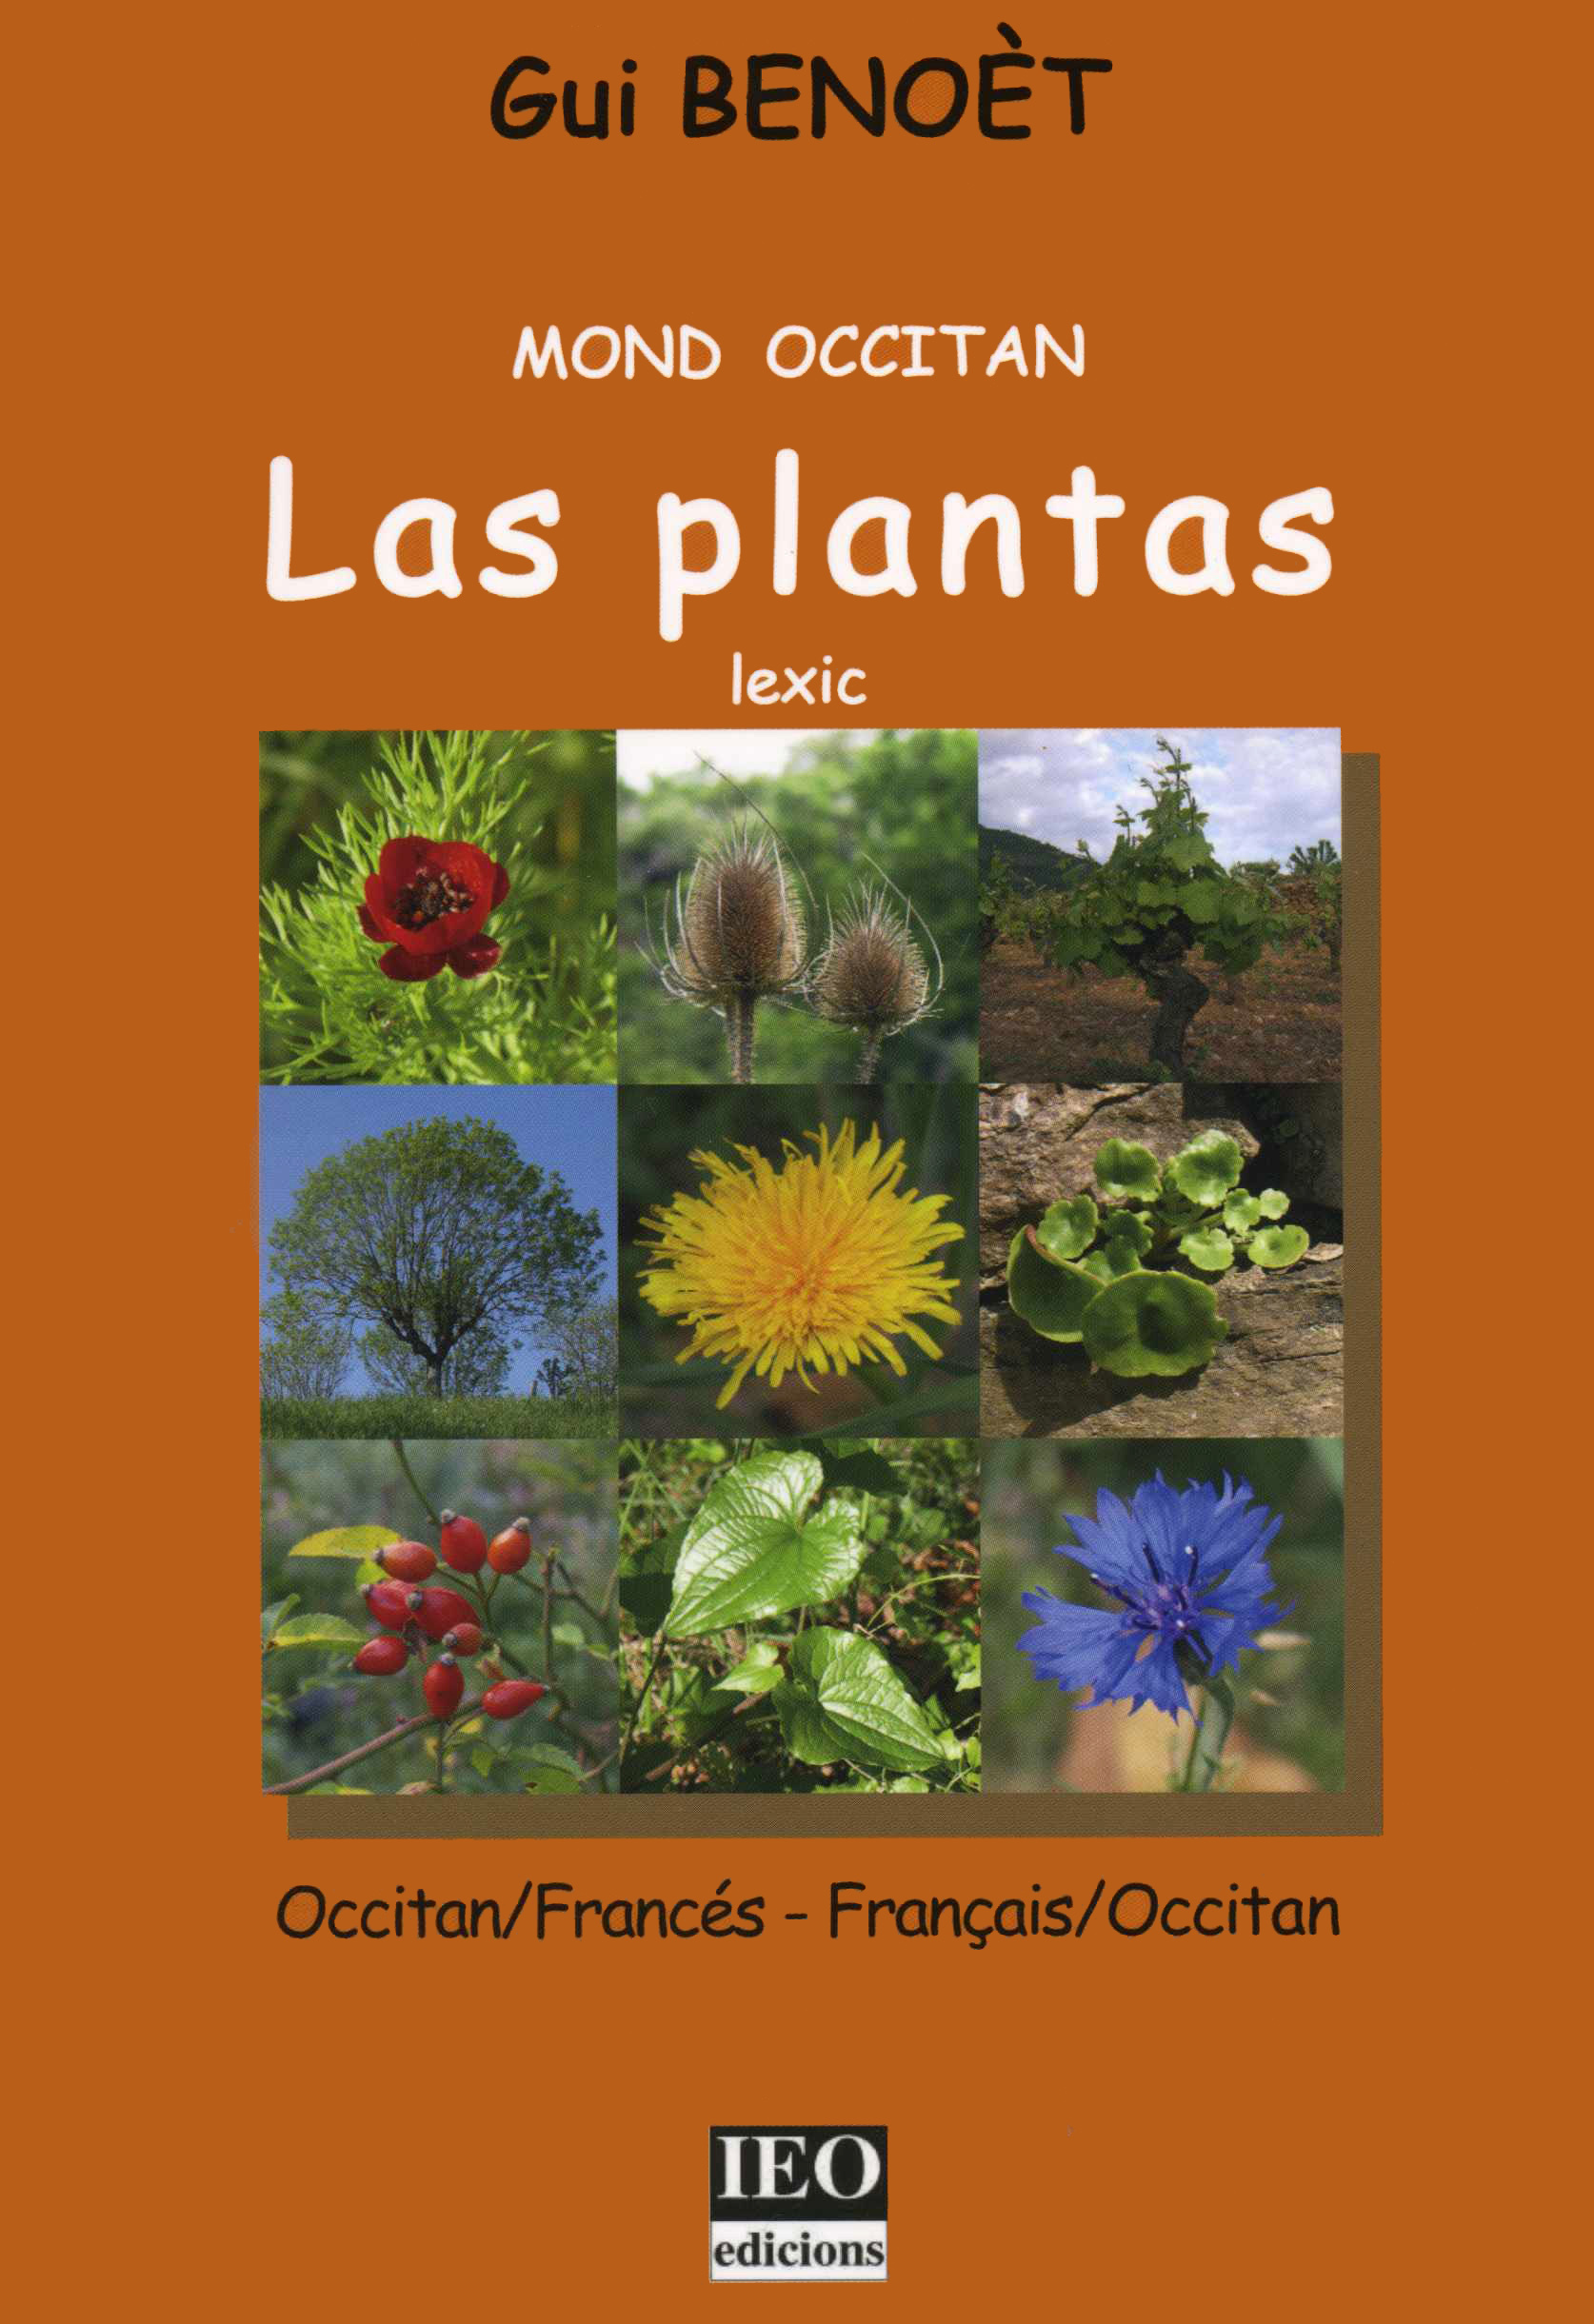 LAS PLANTAS LEXIC